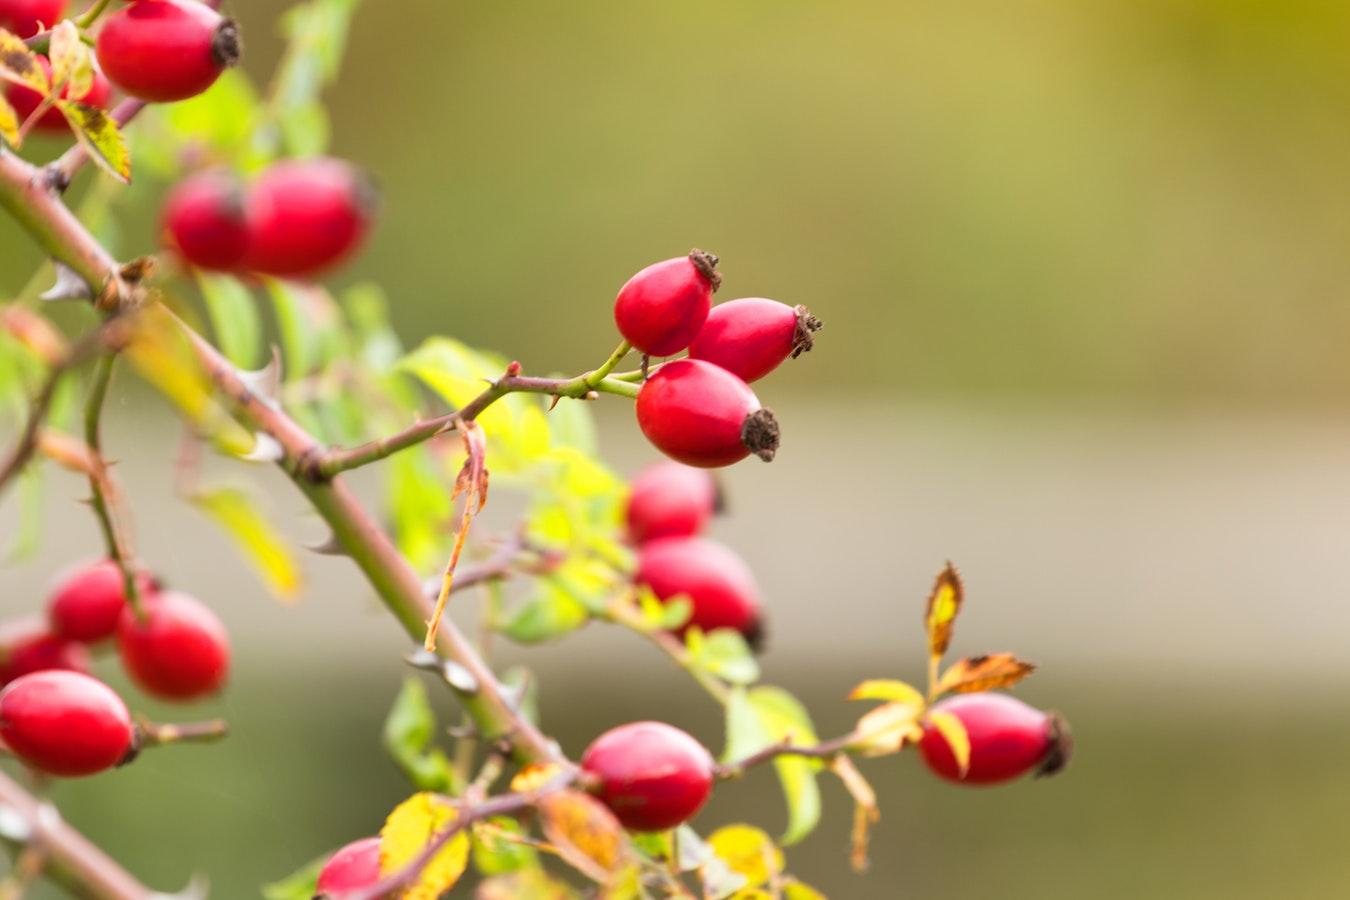 Neuronul rosehip, o descoperire a anului 2018, are forma fructului de maces, Rosa canina, Cynorhodon